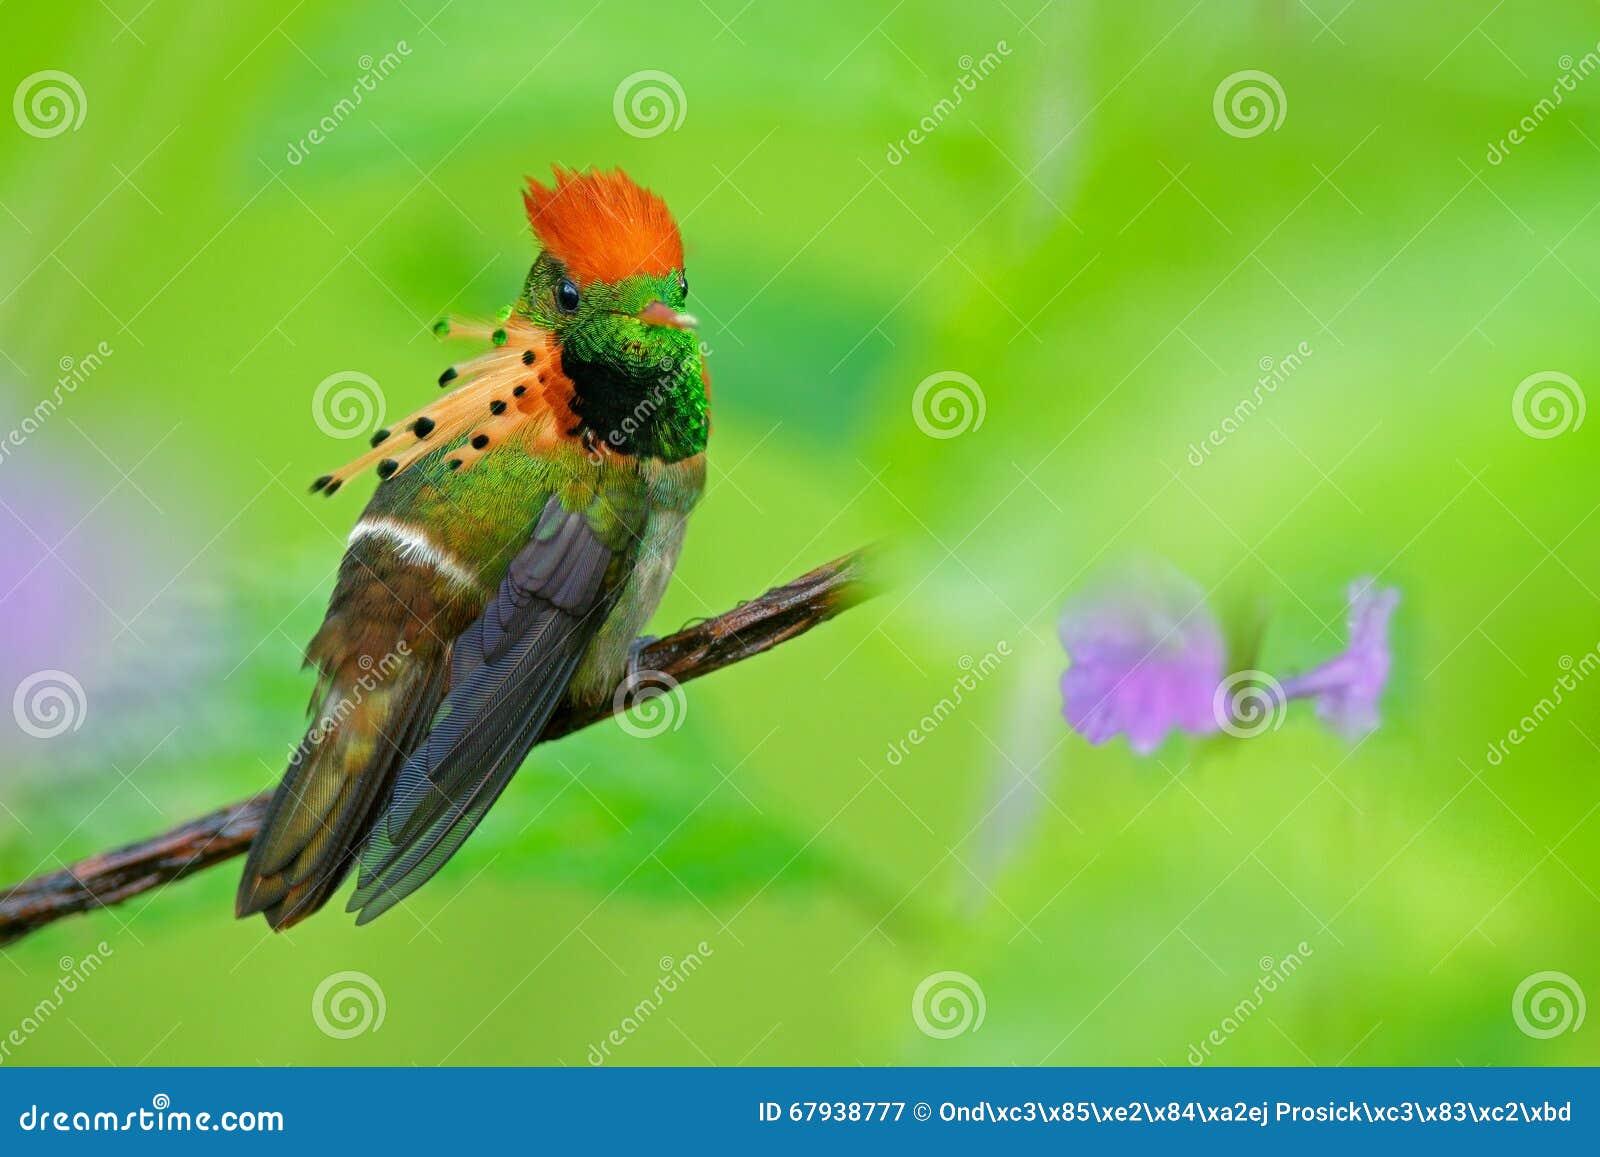 Oiseau Martine 11/01/2016 trouvé par Ajonc Coquette-tufte-colibri-color-avec-la-crte-orange-et-collier-dans-l-habitat-vert-et-violet-de-fleur-trinidad-67938777